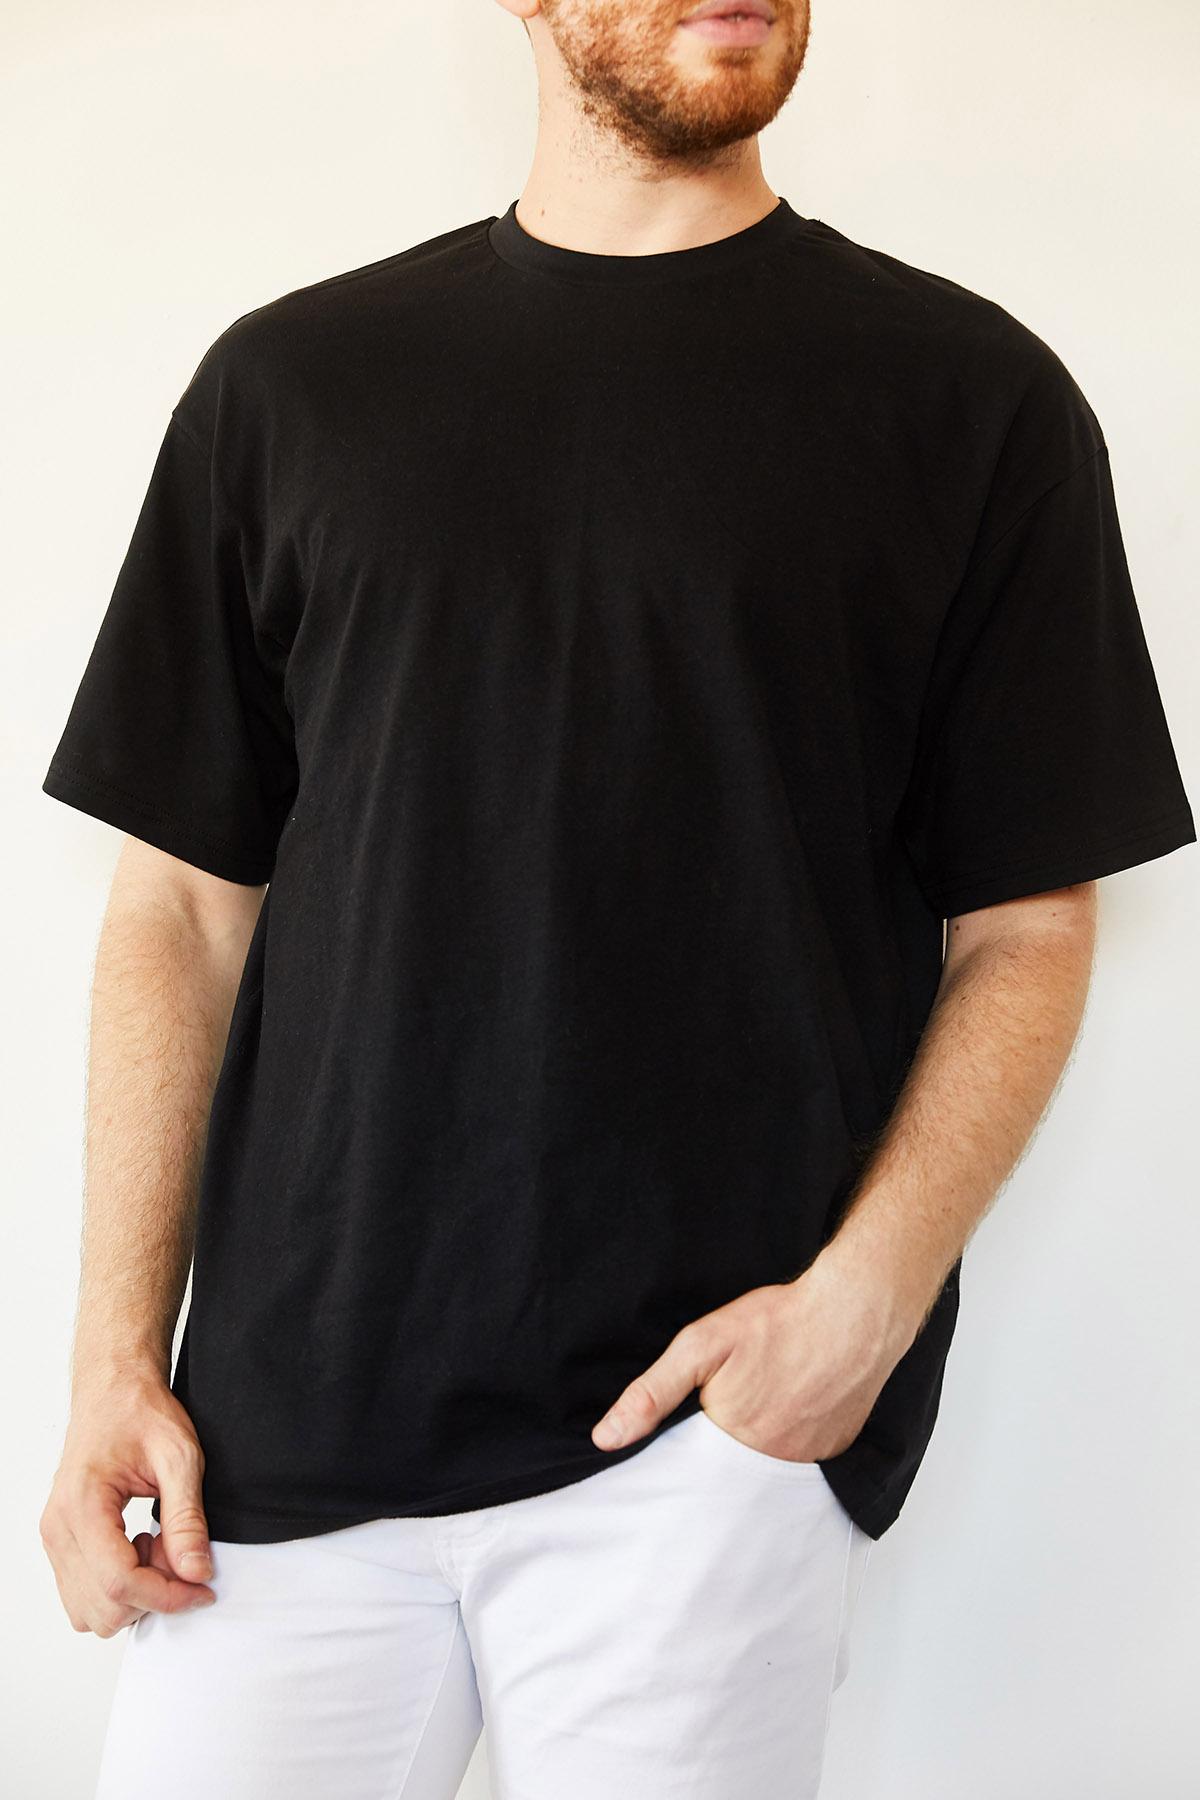 Siyah Basic Bol Kesim Oversize T-Shirt 0YXE1-44124-02 - Thumbnail